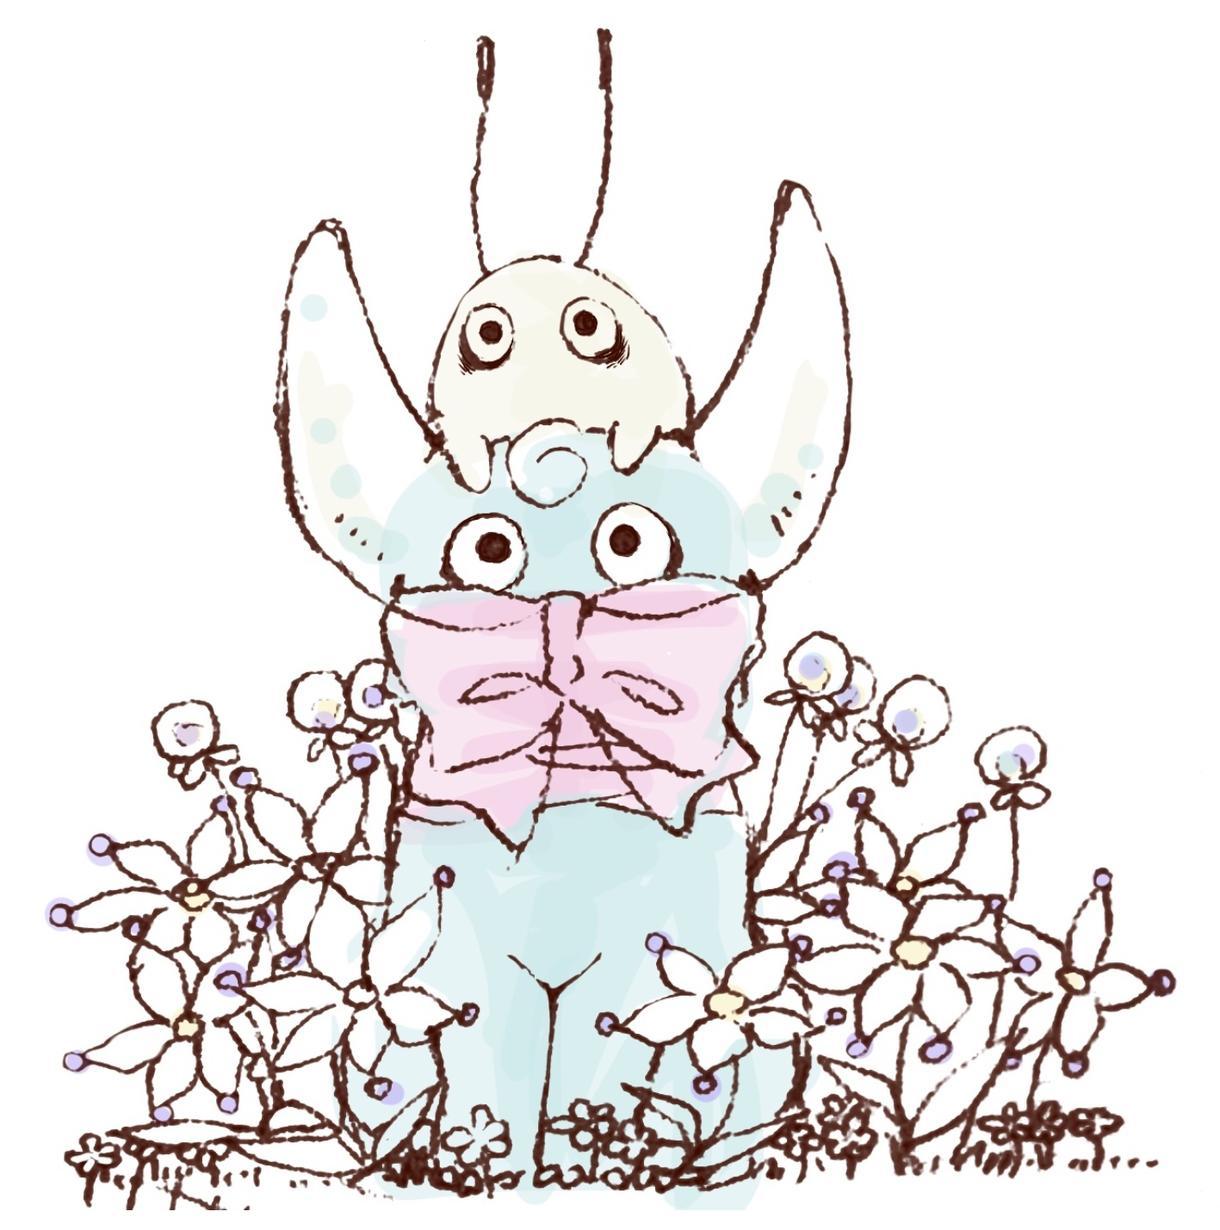 色んな生き物のオリジナルイラスト描きます 可愛い動物や不思議な